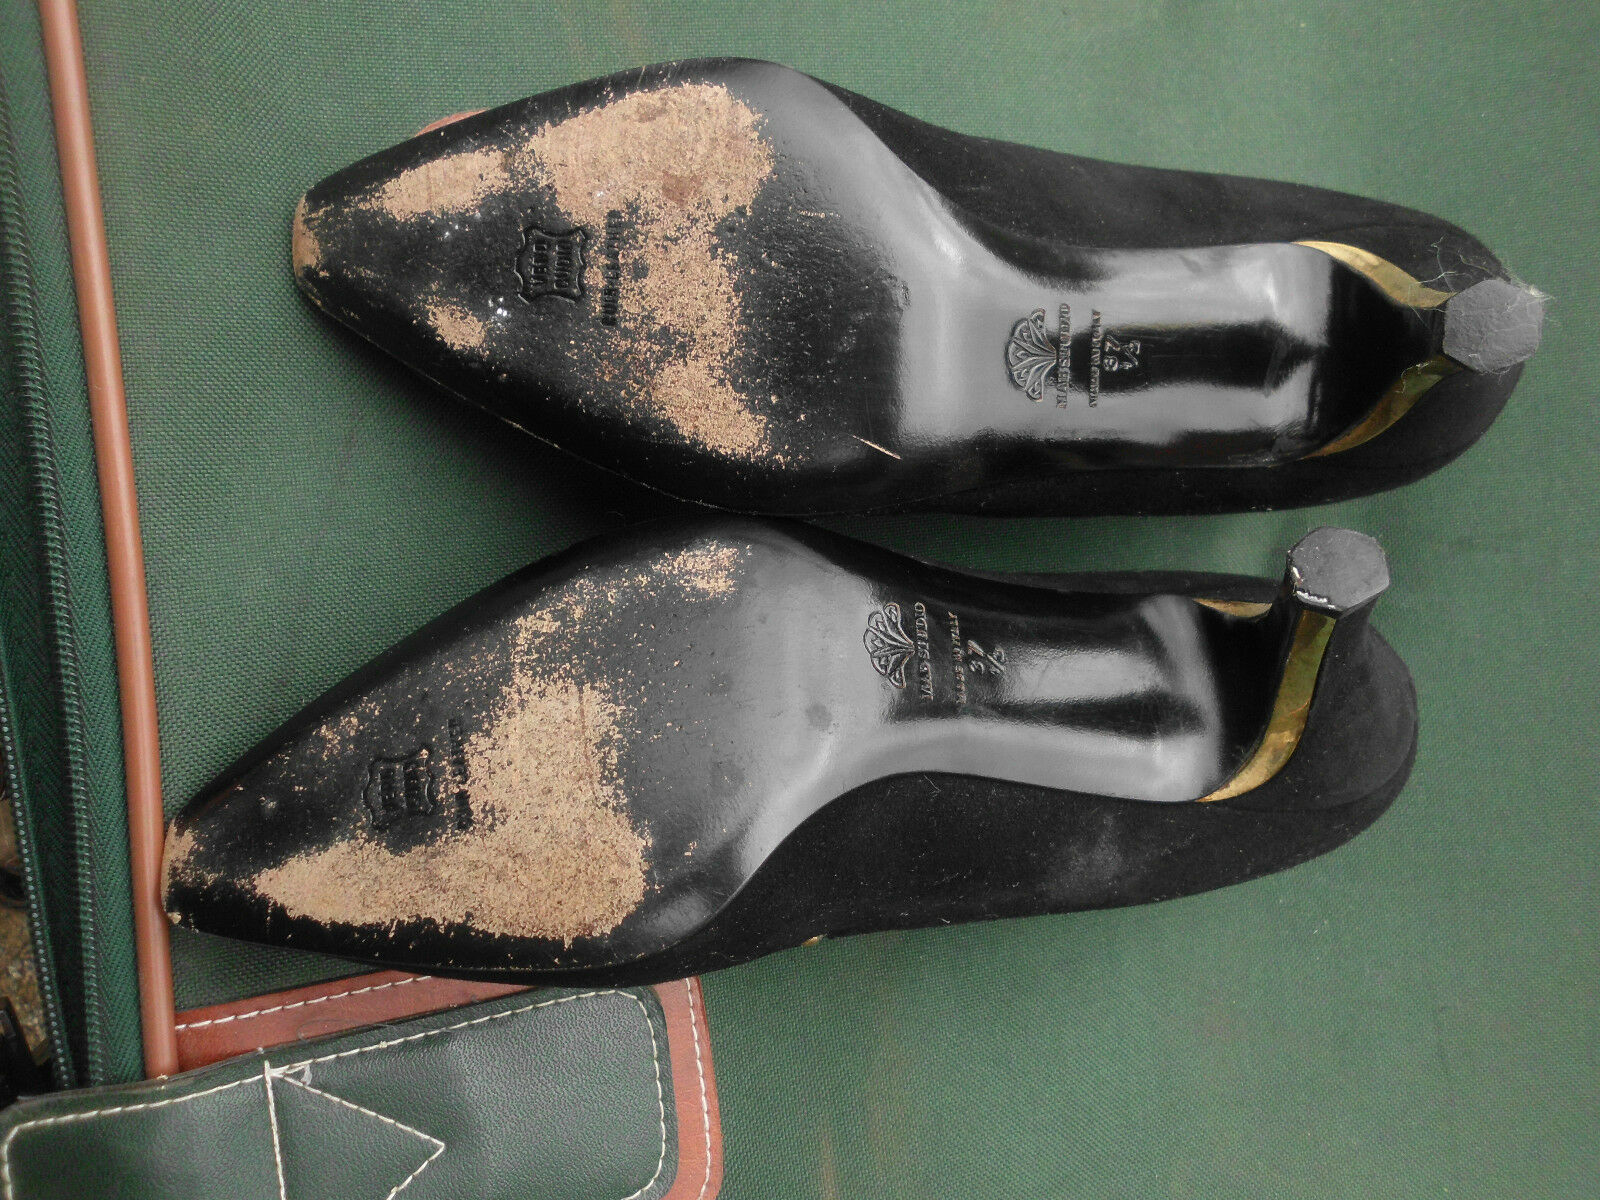 Bruno Magli Women's Women's Women's shoes Size 37.5 b3688b